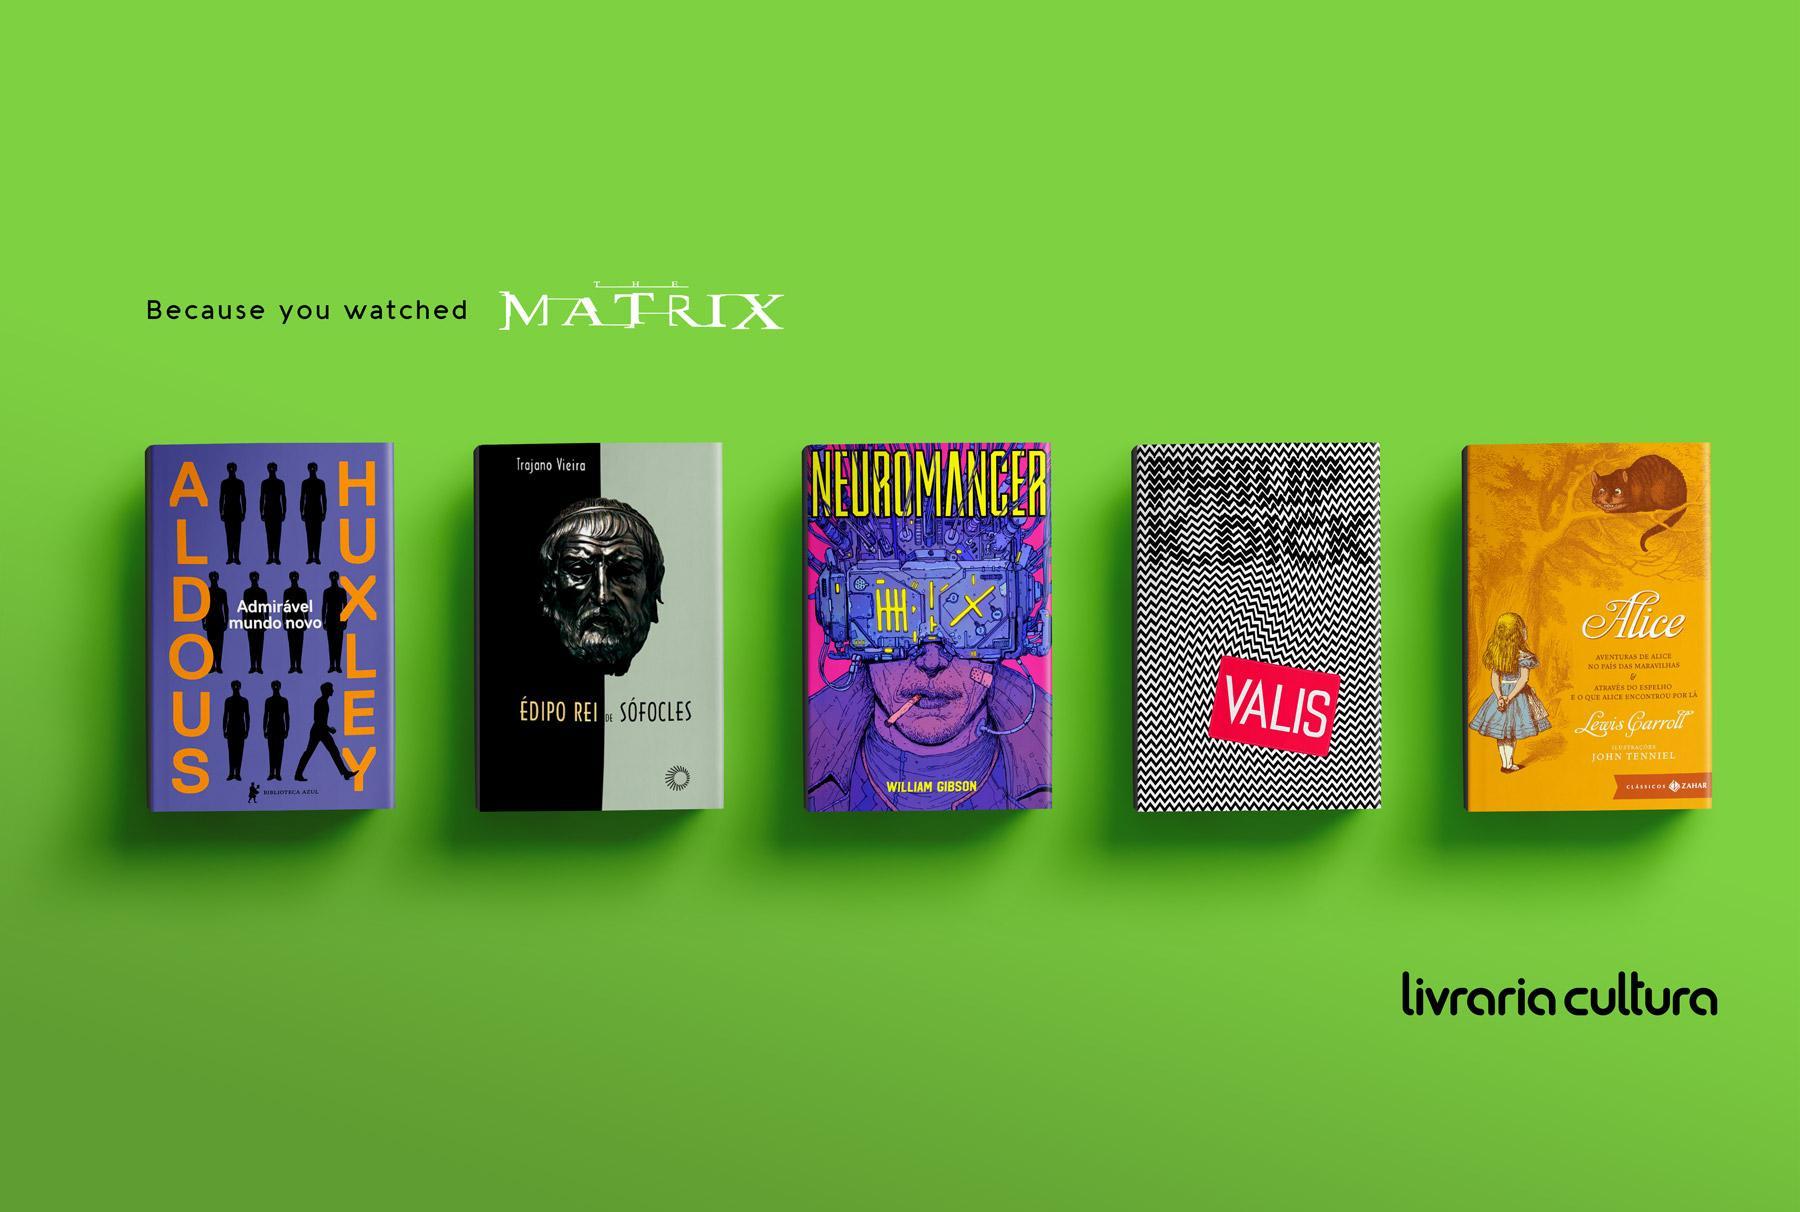 Livraria Cultura Print Ad - Matrix